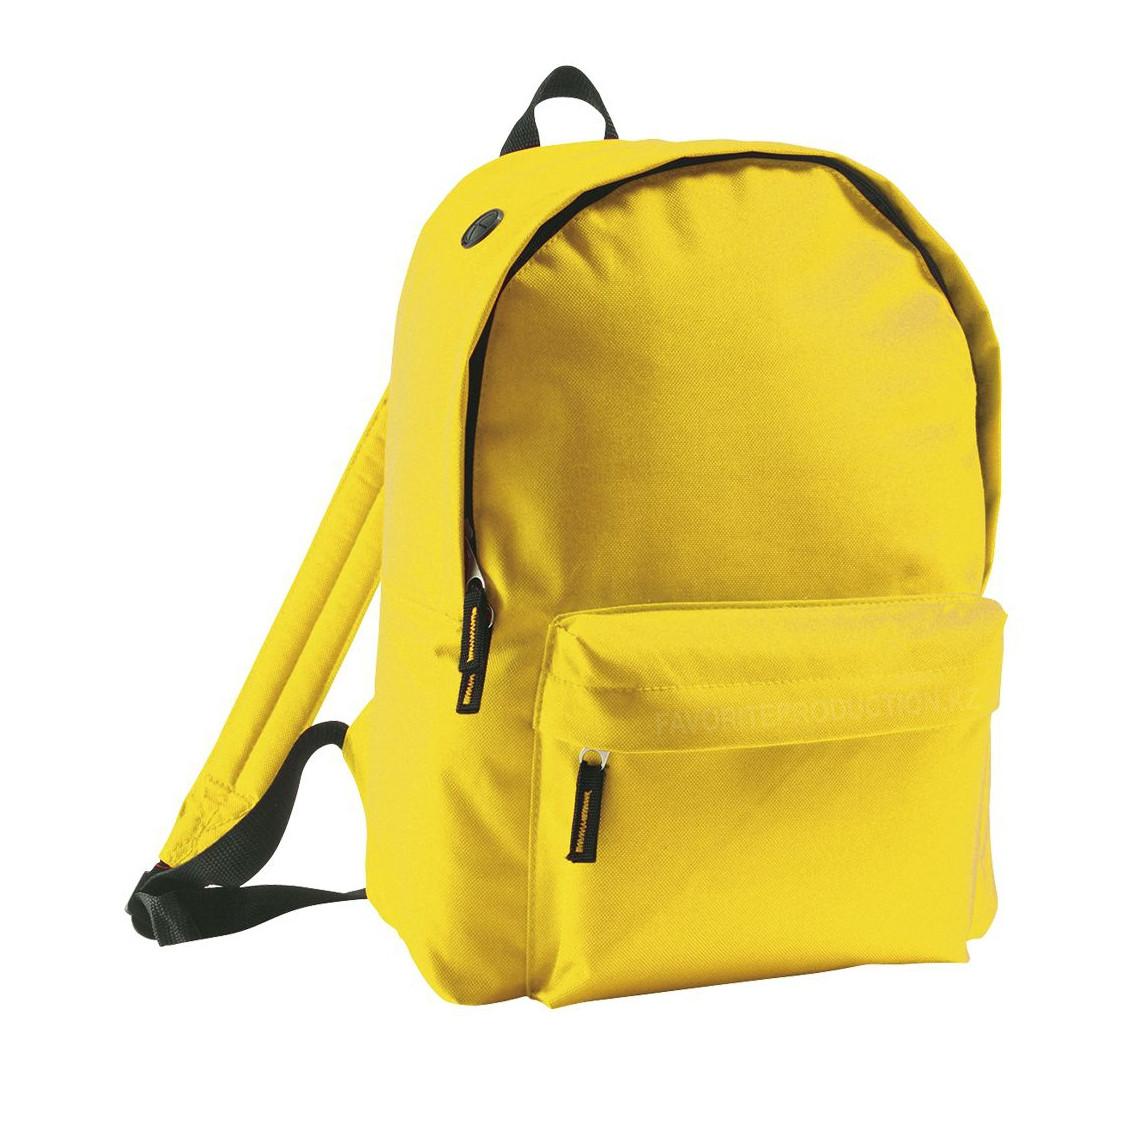 Рюкзак RIDER | 600D | Желтый